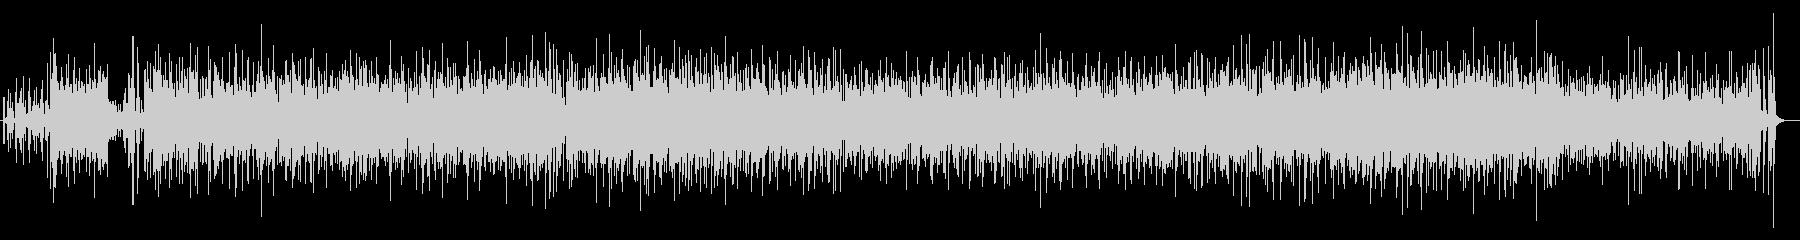 ブライダルに使えるボサノヴァフュージョンの未再生の波形